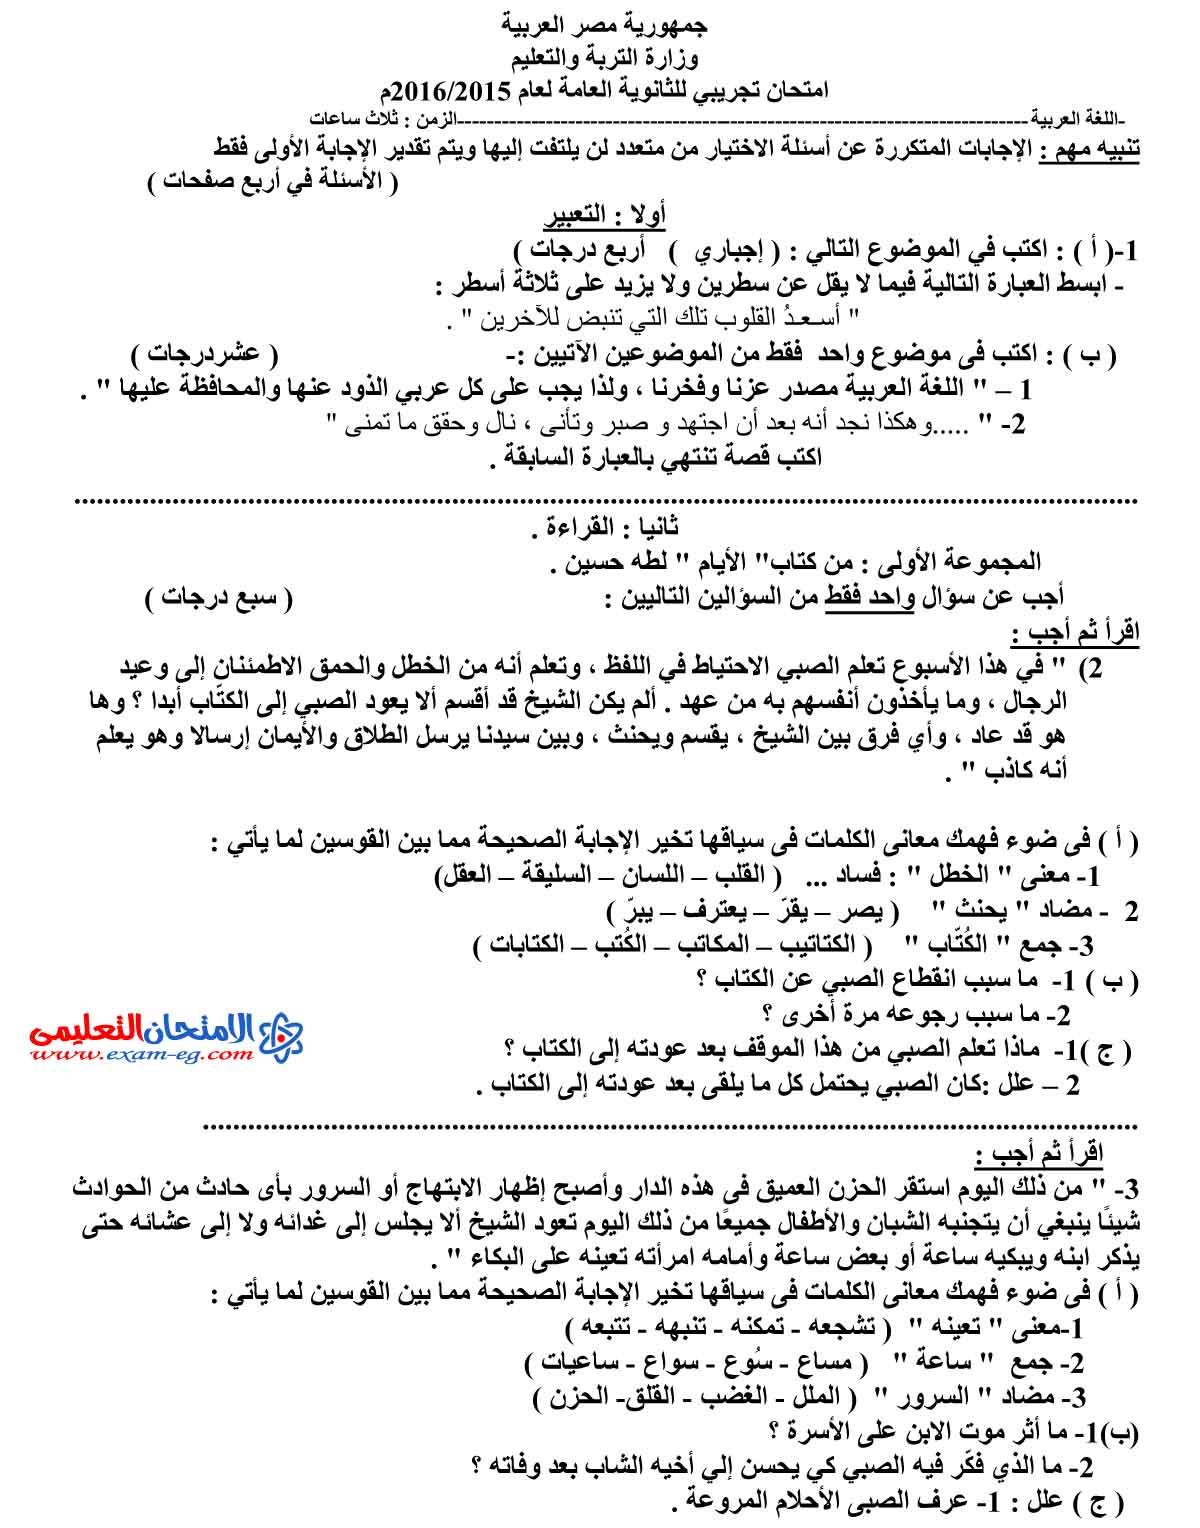 امتحان اللغة العربية 1 - مدرسة اون لاين (1)